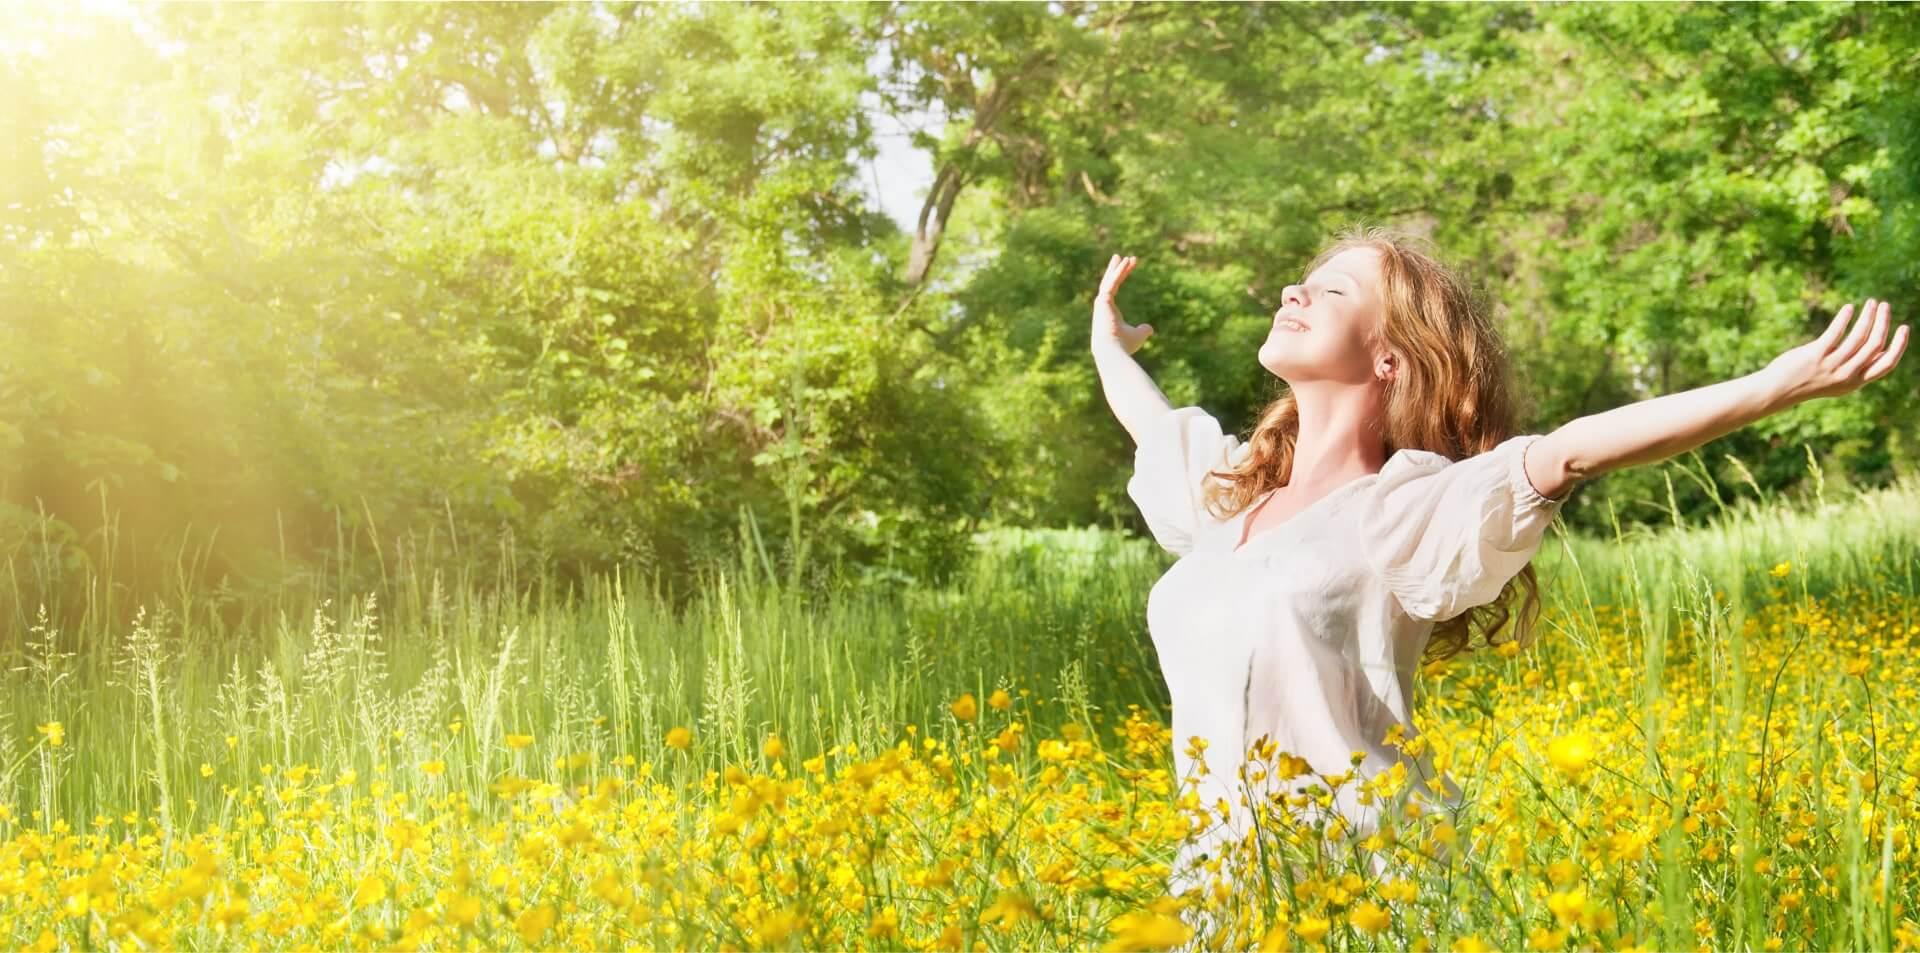 Eine glückliche junge Frau auf dem Feld in den Sonnenstrahlen